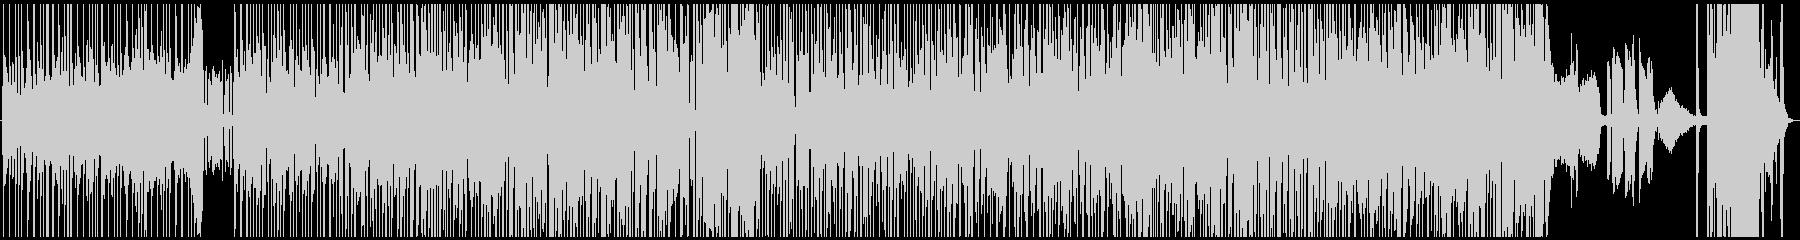 ジャズとファンクの融合。ファンクな...の未再生の波形